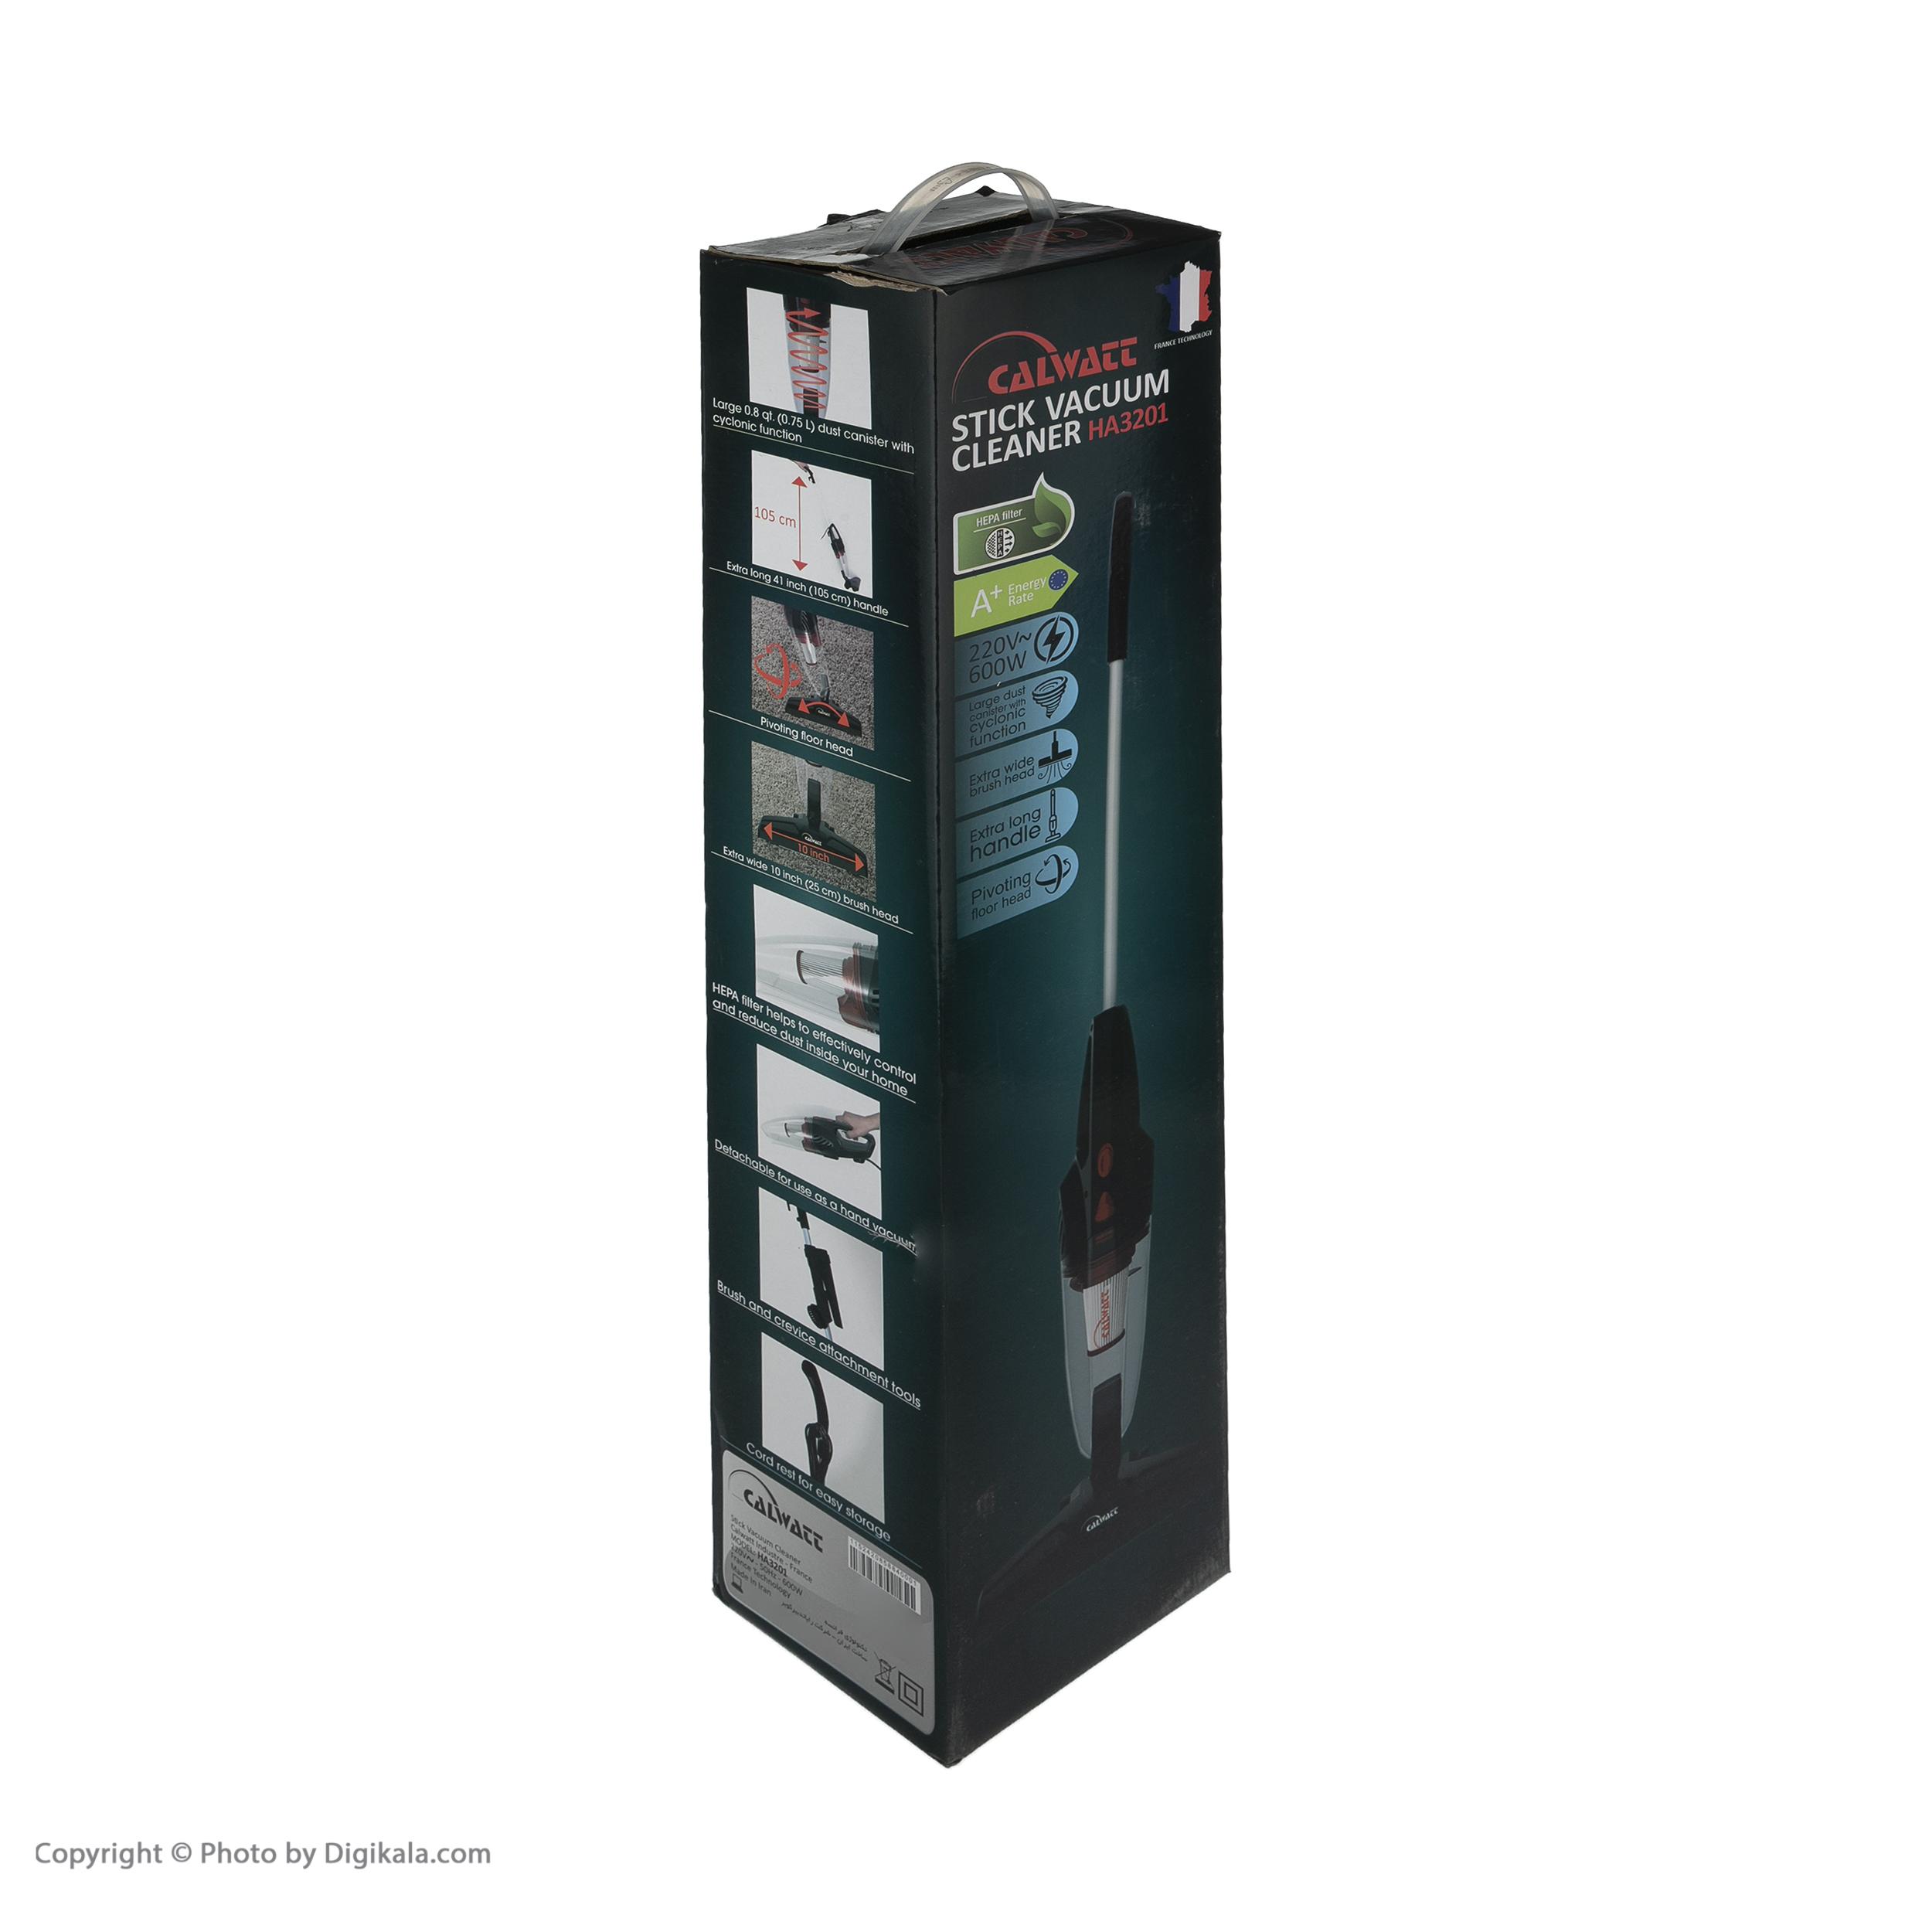 جاروبرقی کالوات مدل HA3201 main 1 13